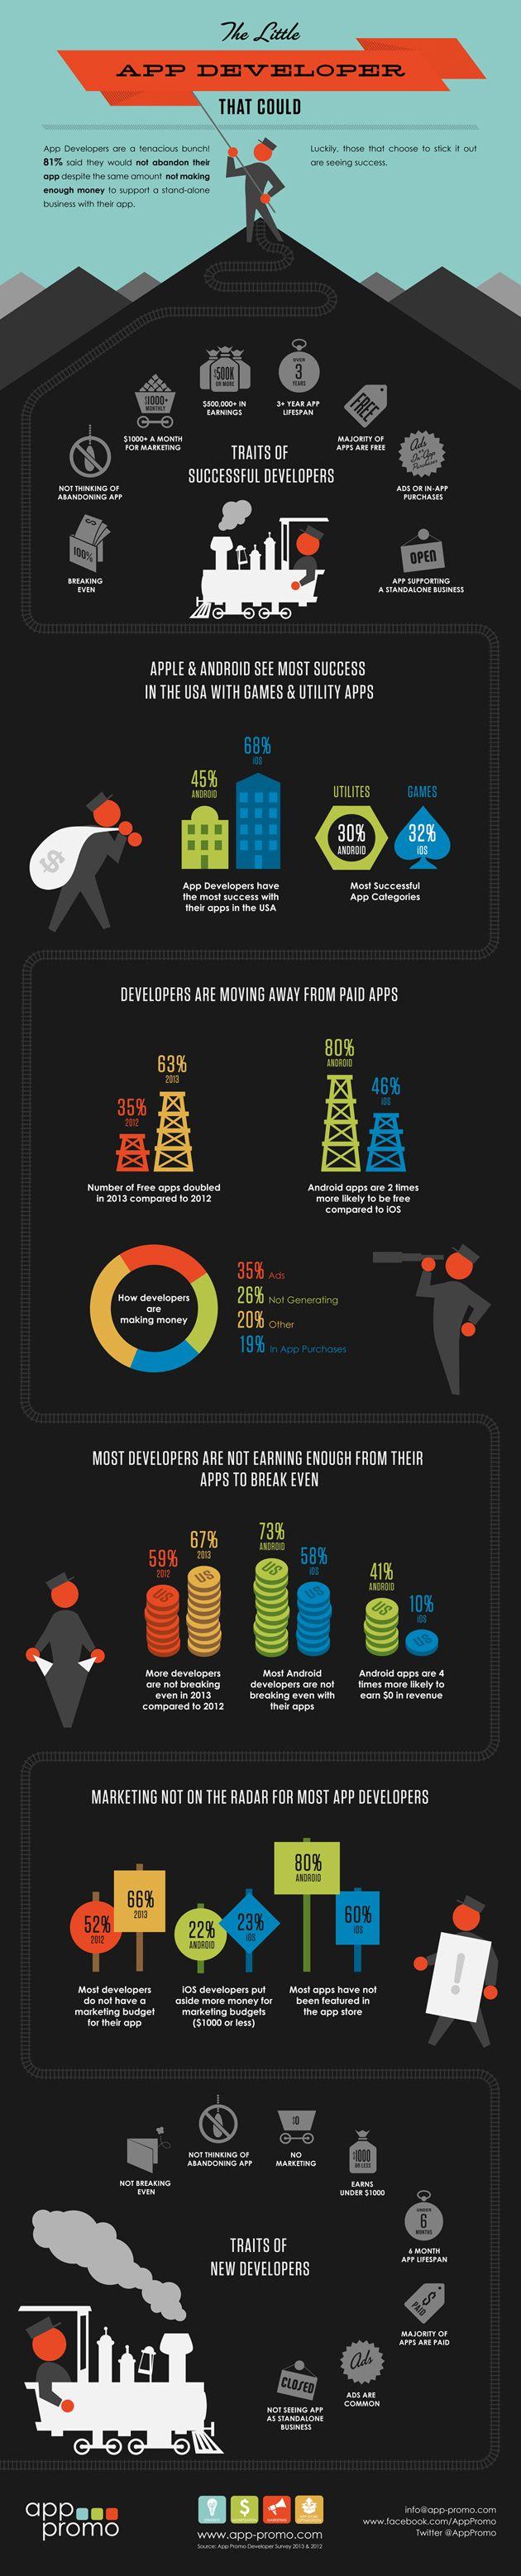 The little app developer [infographic]